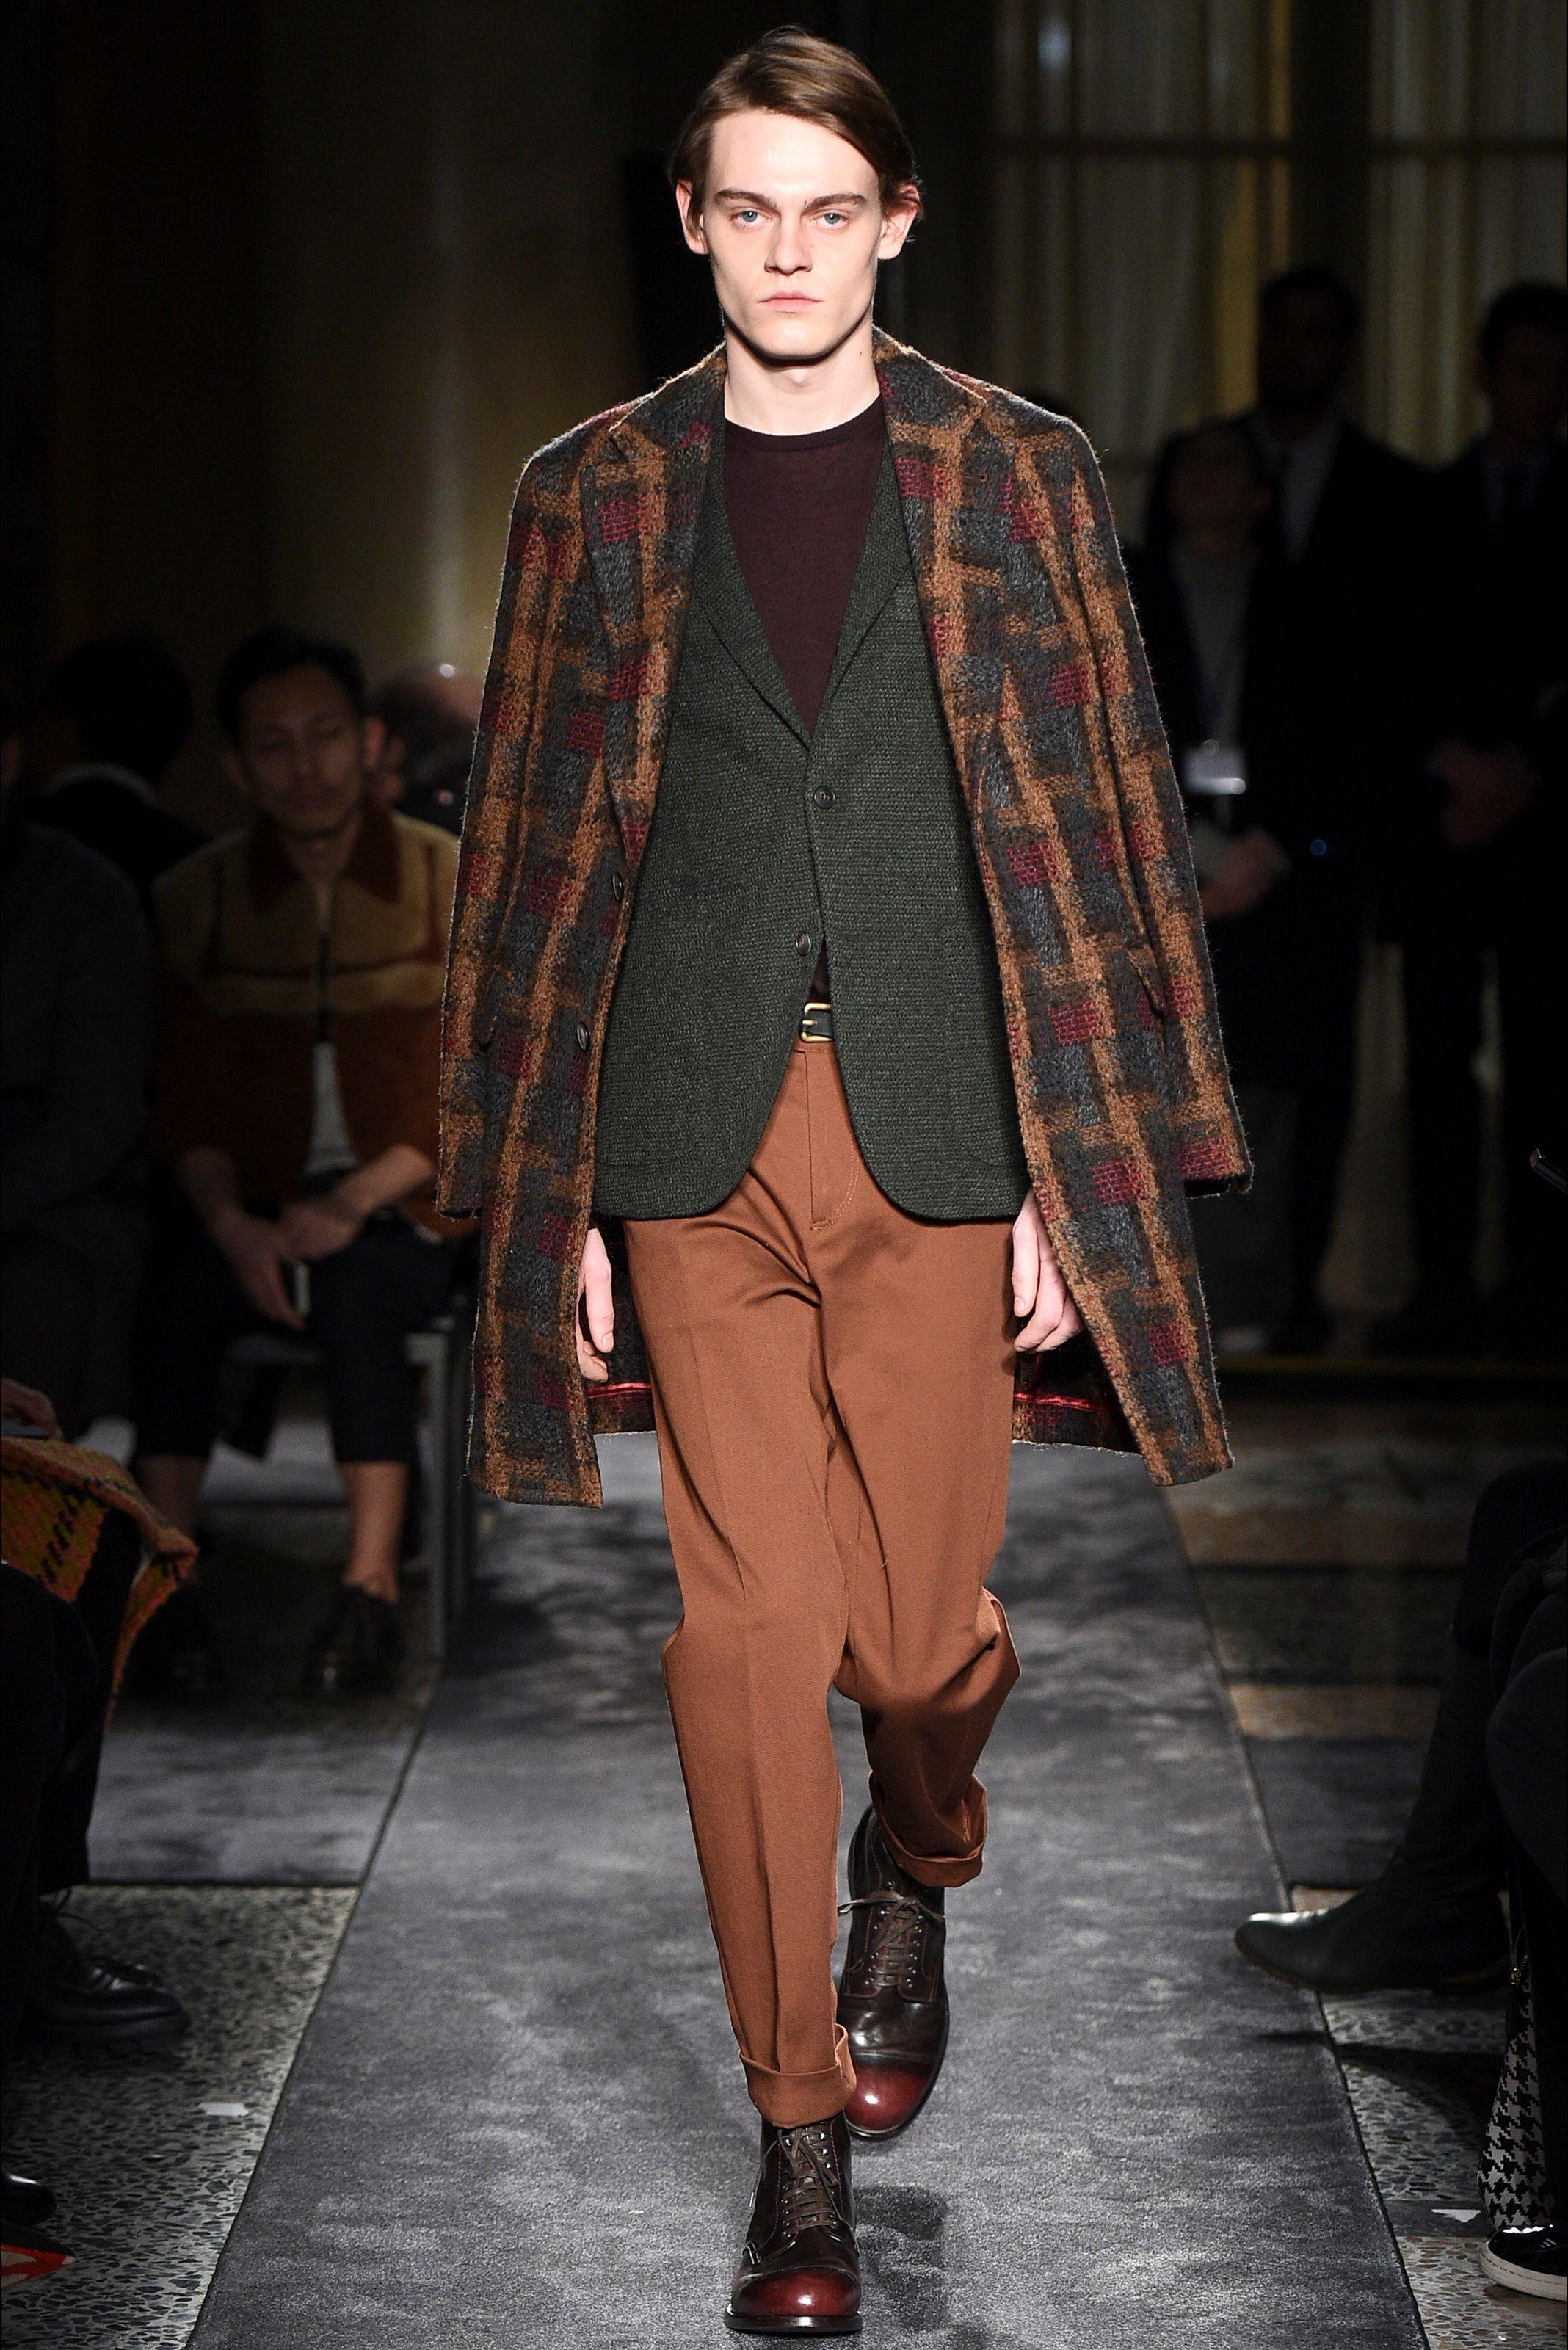 Sfilata Moda Uomo Boglioli Milano - Autunno Inverno 2016-17 - Vogue ... 0d51669e6b1